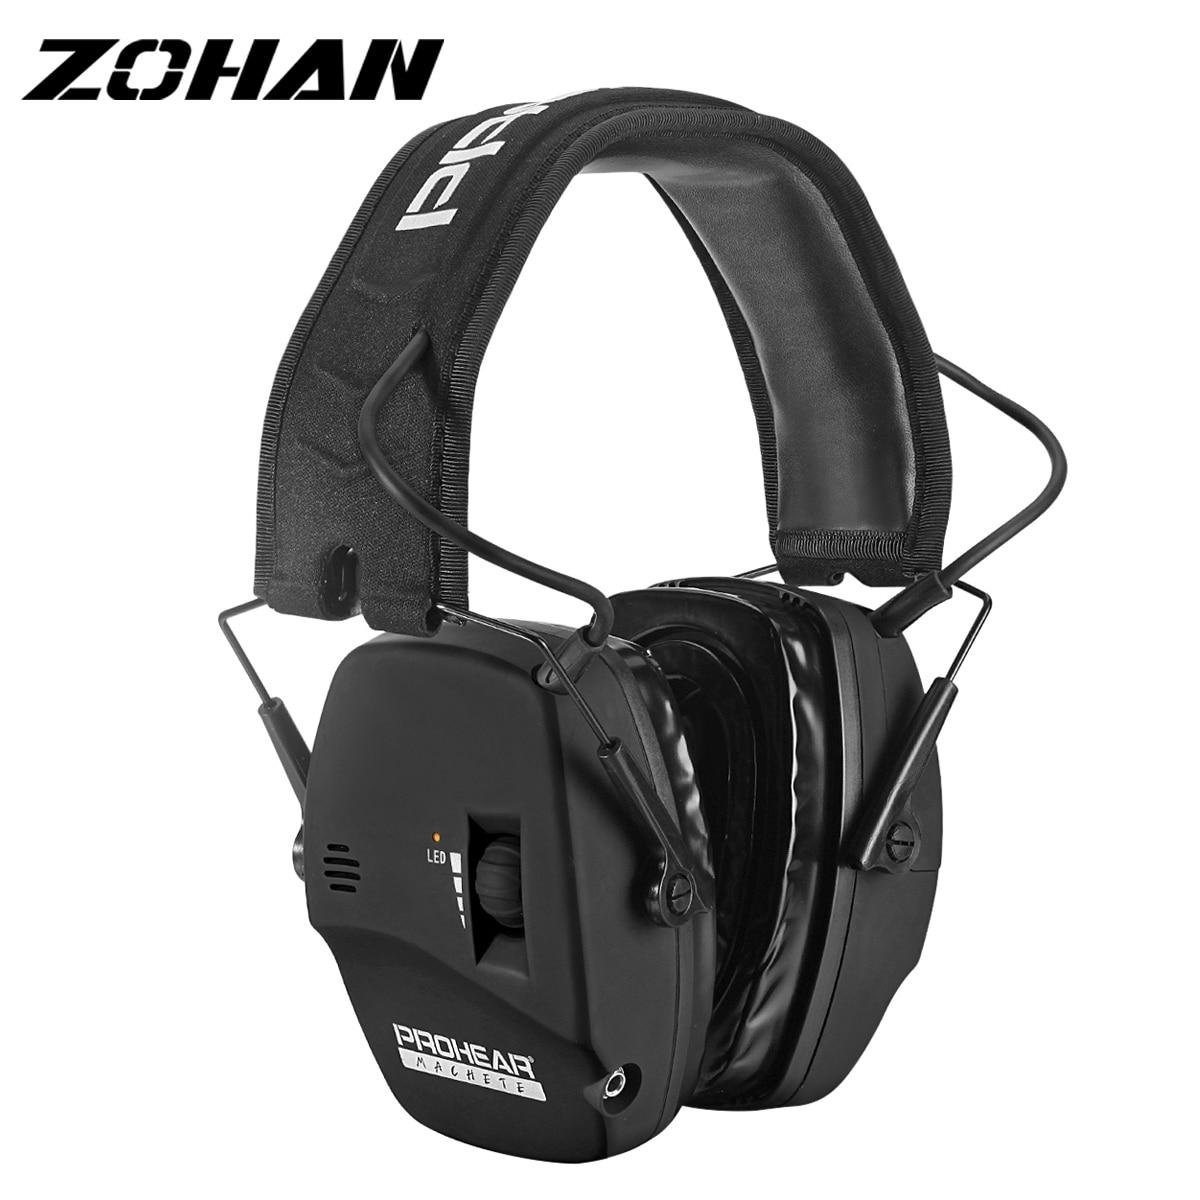 ZOHAN Digital Electronic Shooting cuffie antirumore caccia amplificazione del suono cuffie protezione dell'udito a basso profilo